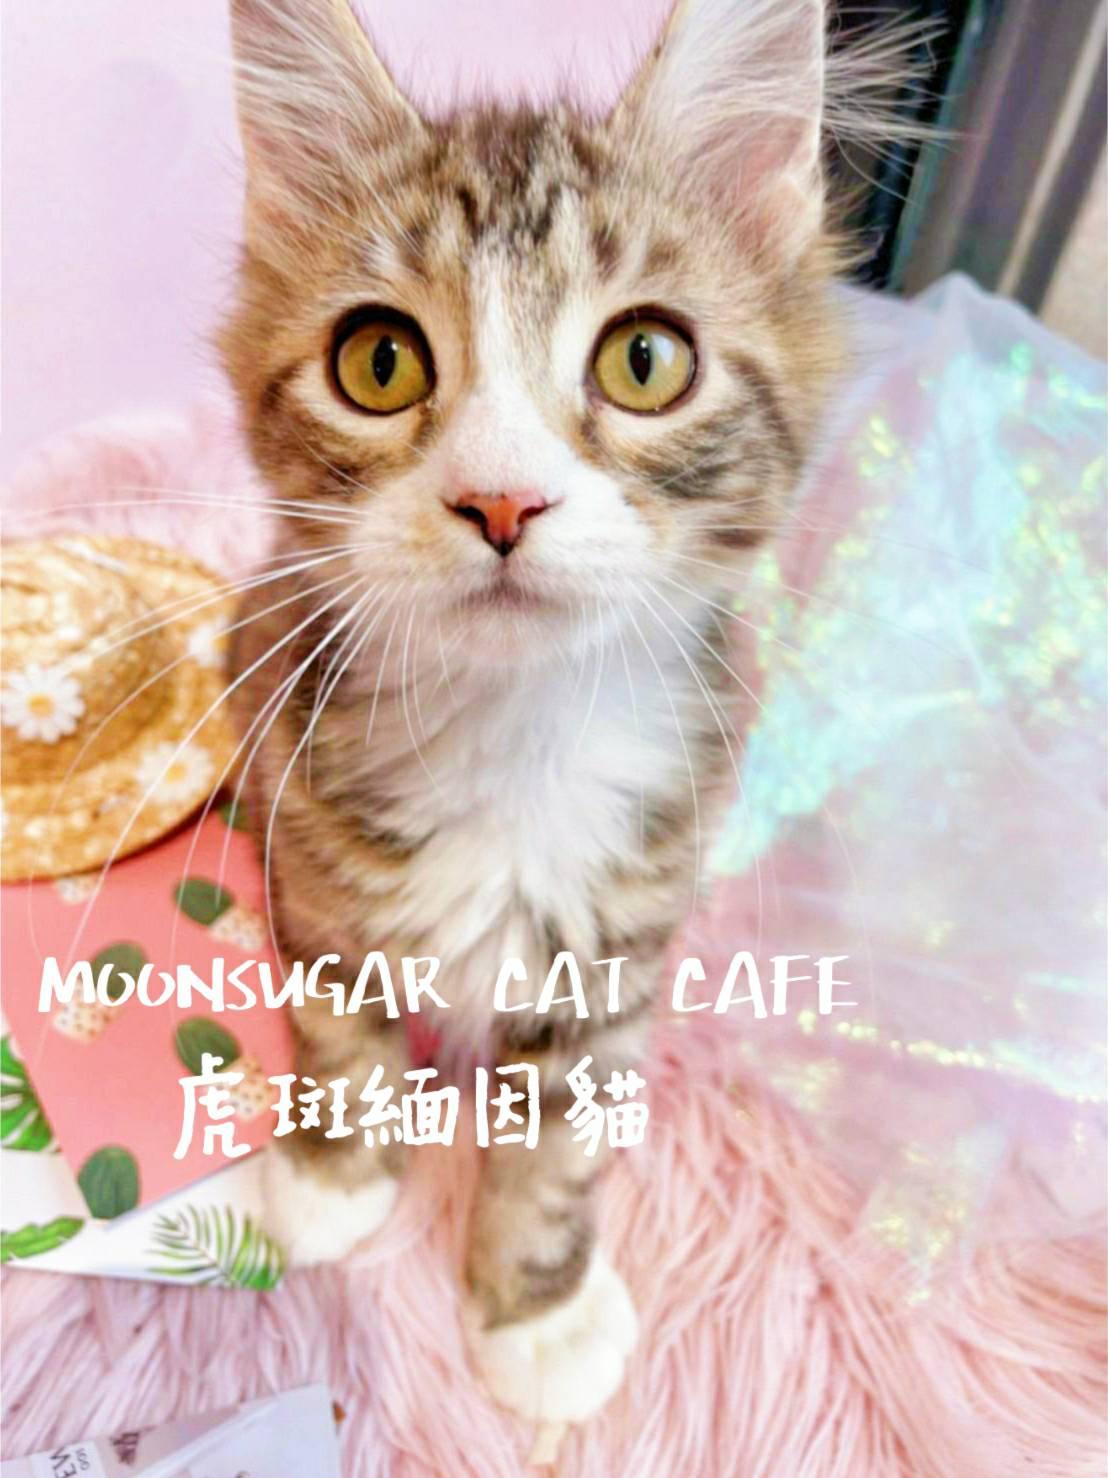 月亮糖糖喵樂園/三花緬因貓妹妹